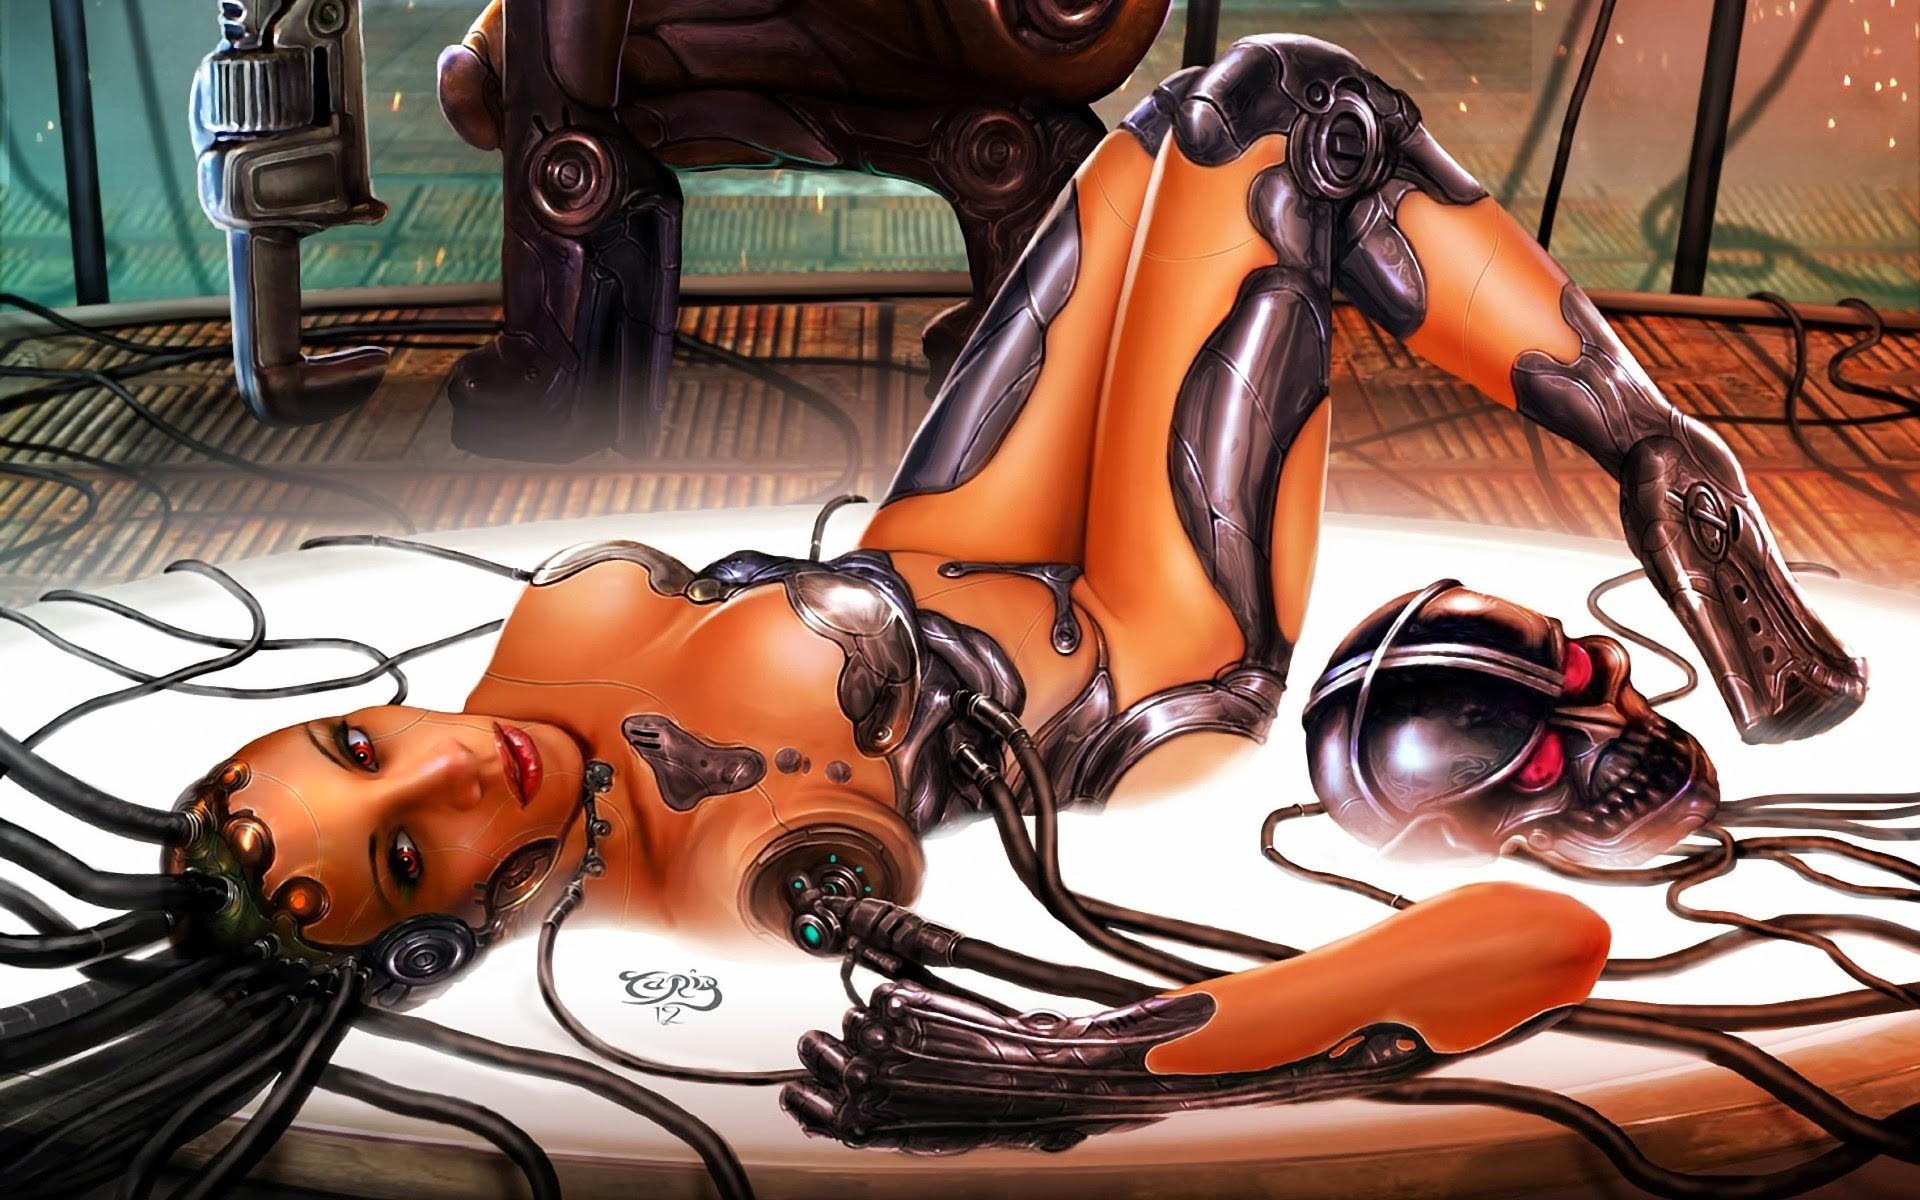 Cyborg Santos And Herschel Walker Nude In Espn The Magazine's Body Issue